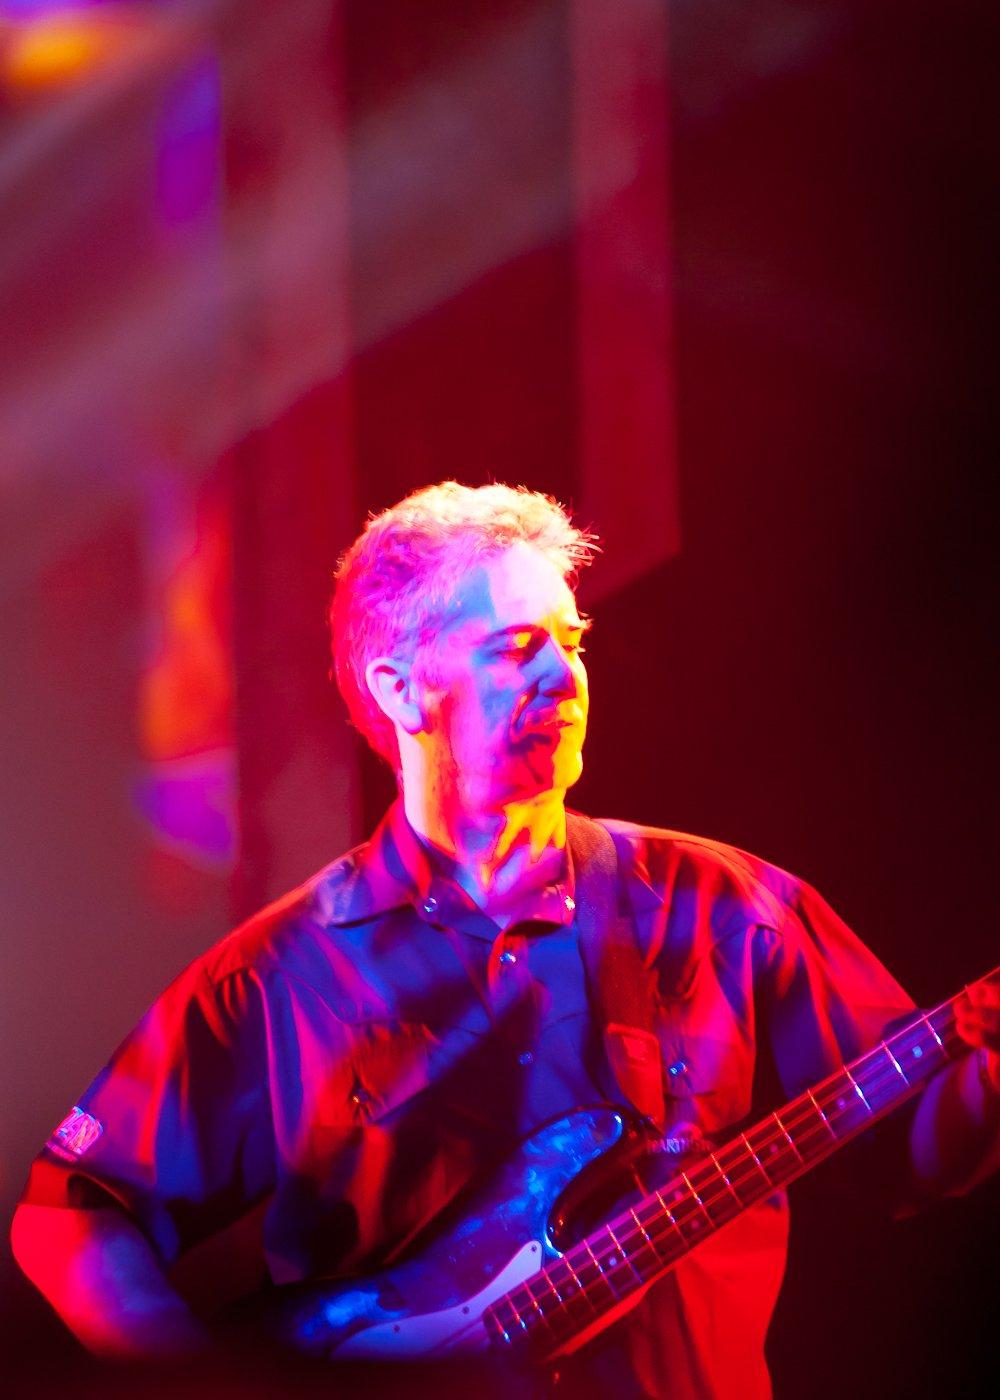 И снова Морхейм. На этот раз в красном свете и с басухой, потому что Elite Tauren Chieftain дает концерт.